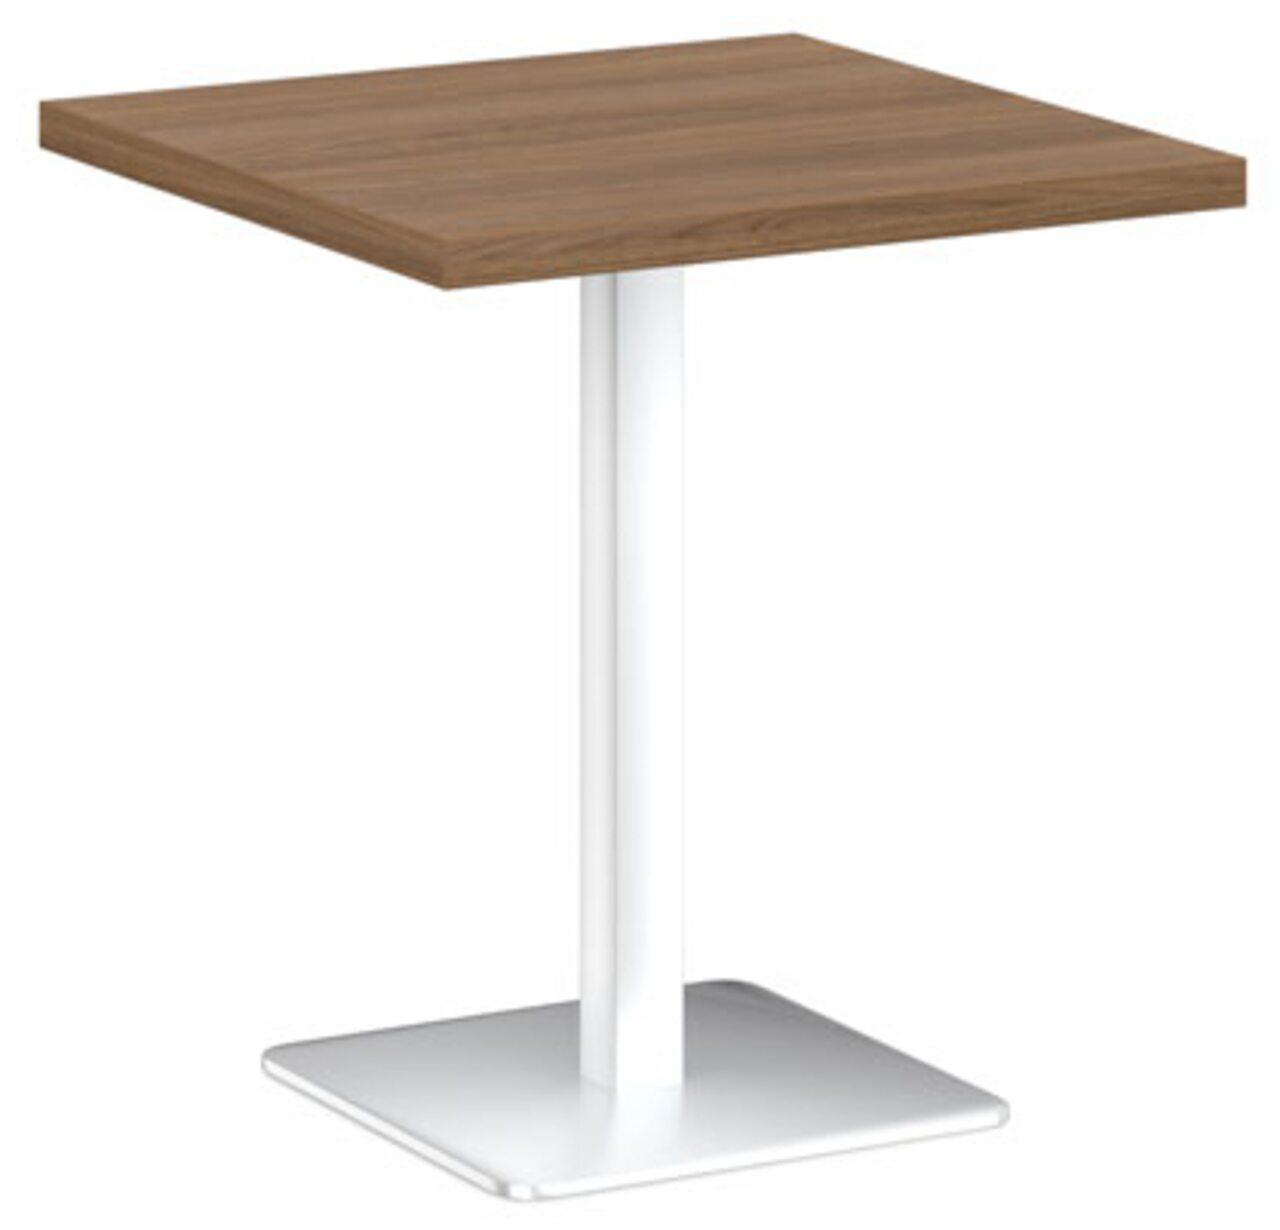 Стол на металлической опоре - фото 5